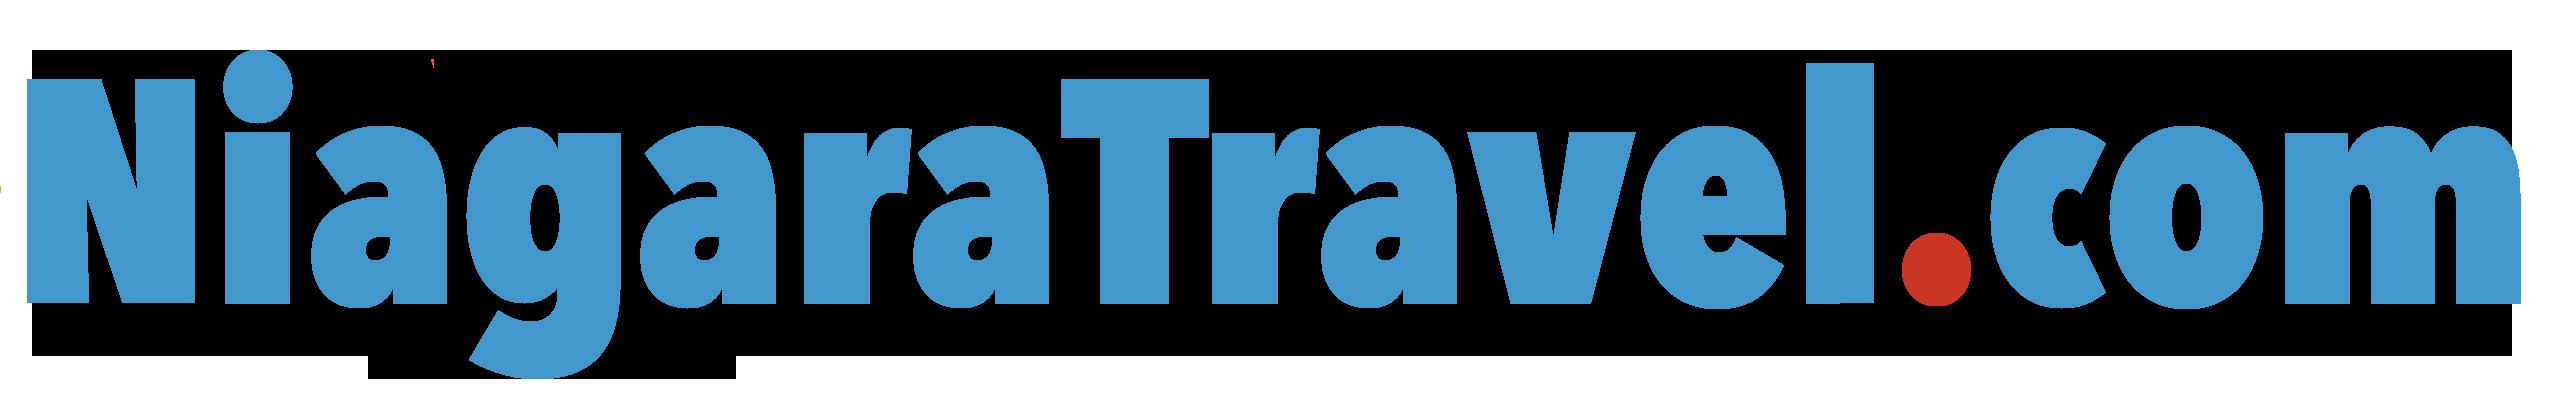 NiagaraTravel.com - A Complete Short Travel Guide to Niagara Falls